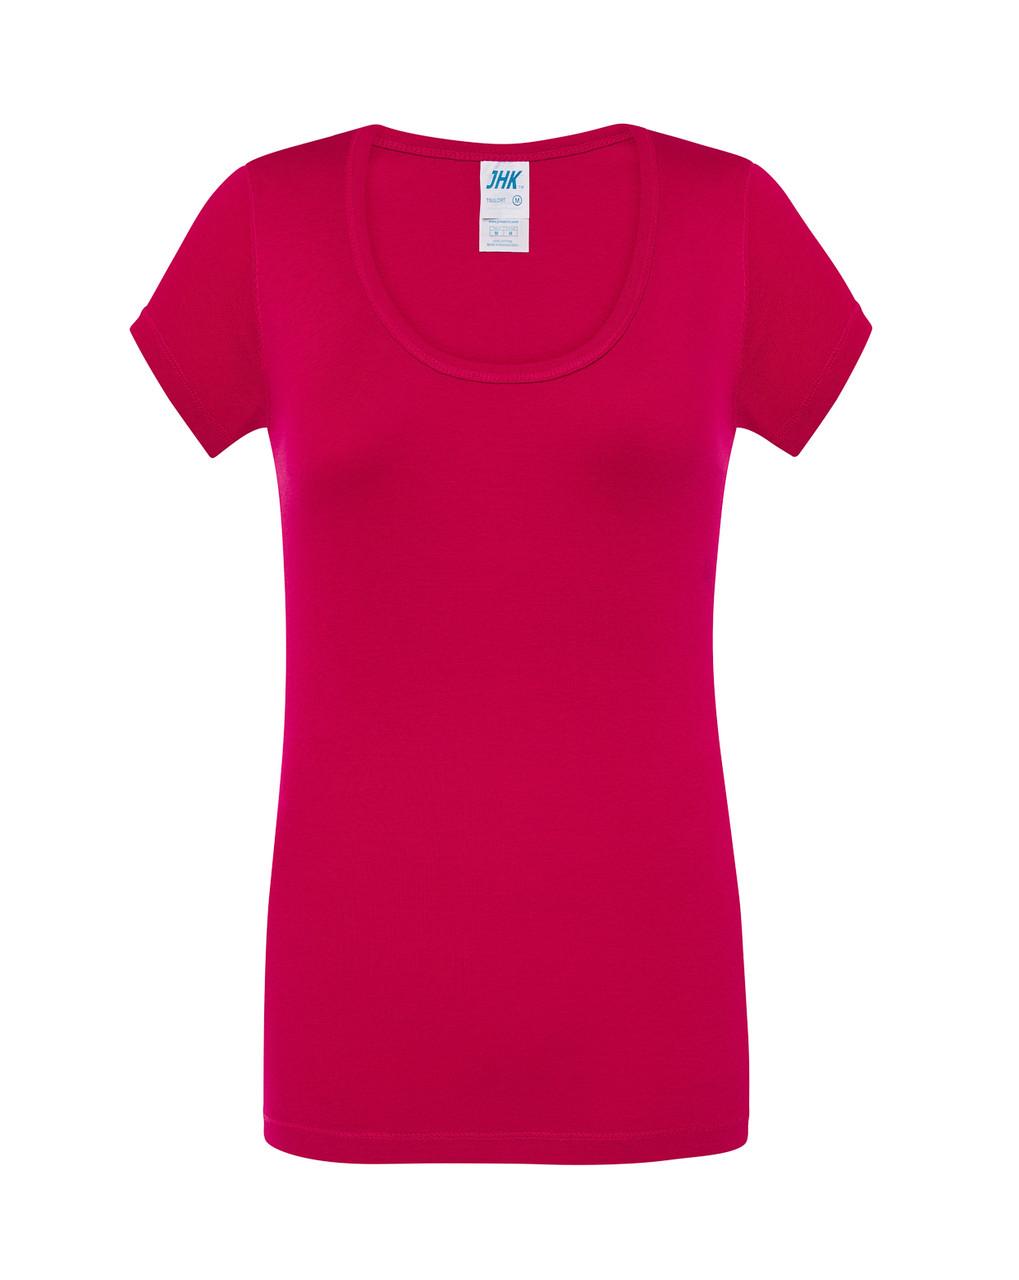 Женская футболка JHK CRETA цвет малиновый (RP)